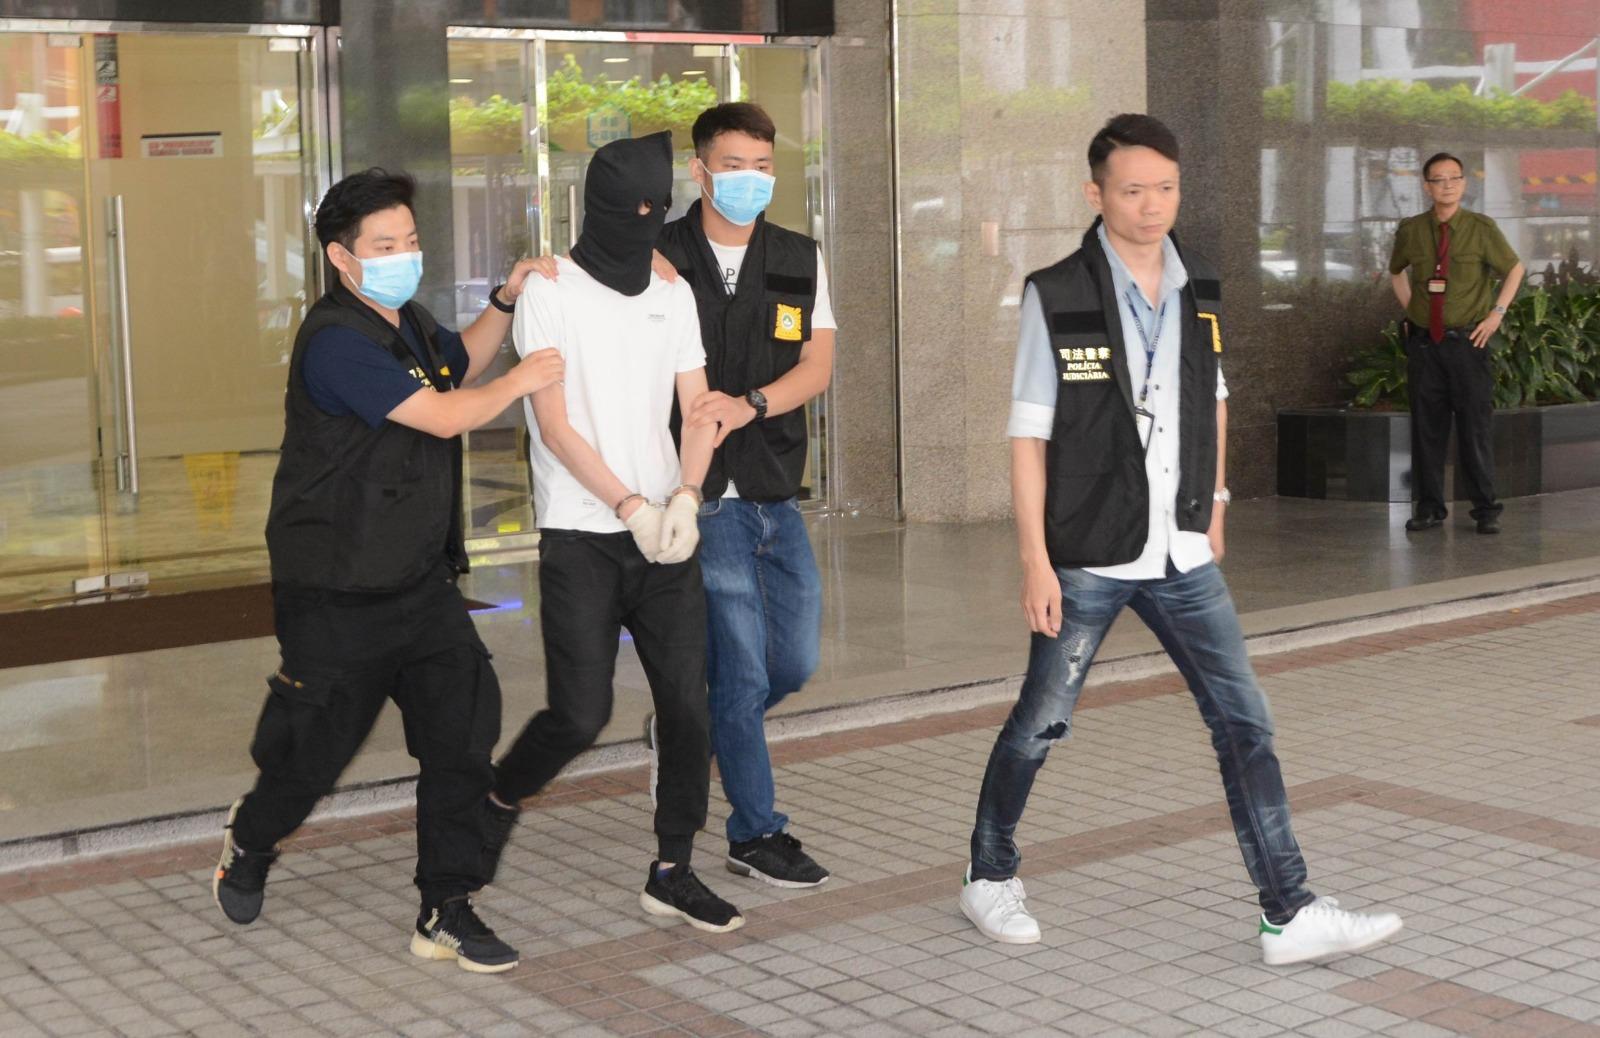 27歲港漢受聘澳門販毒還債被捕 日薪2000元